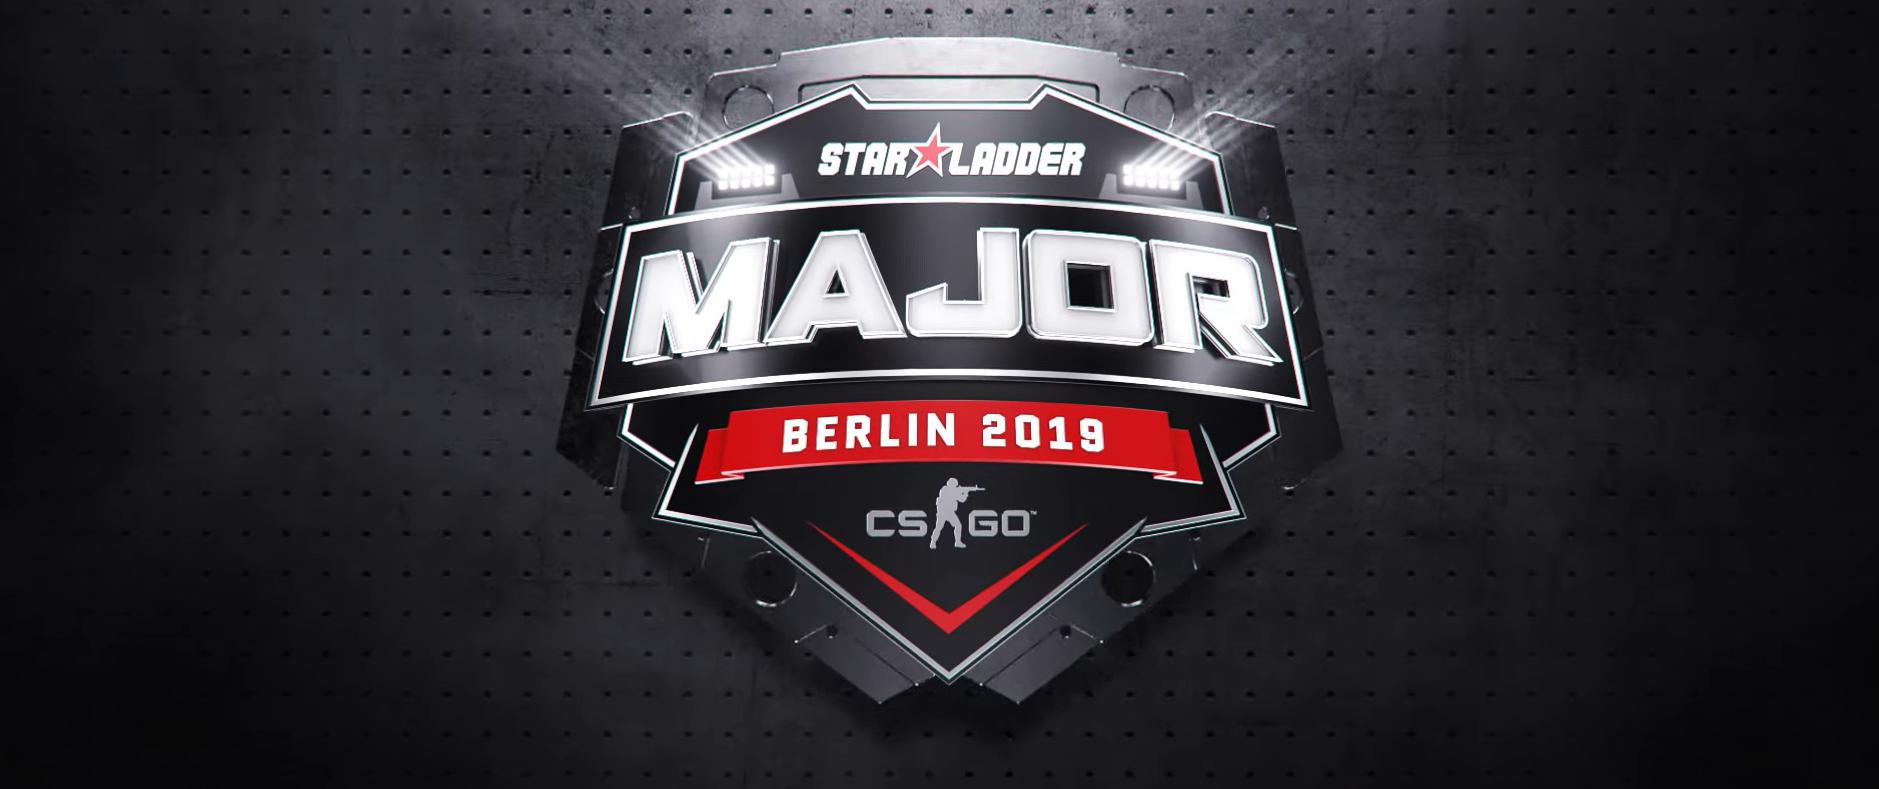 StarLadder Berlin Major 2019 - ensimmäisen vaiheen ennakko   Urheiluvedot.com